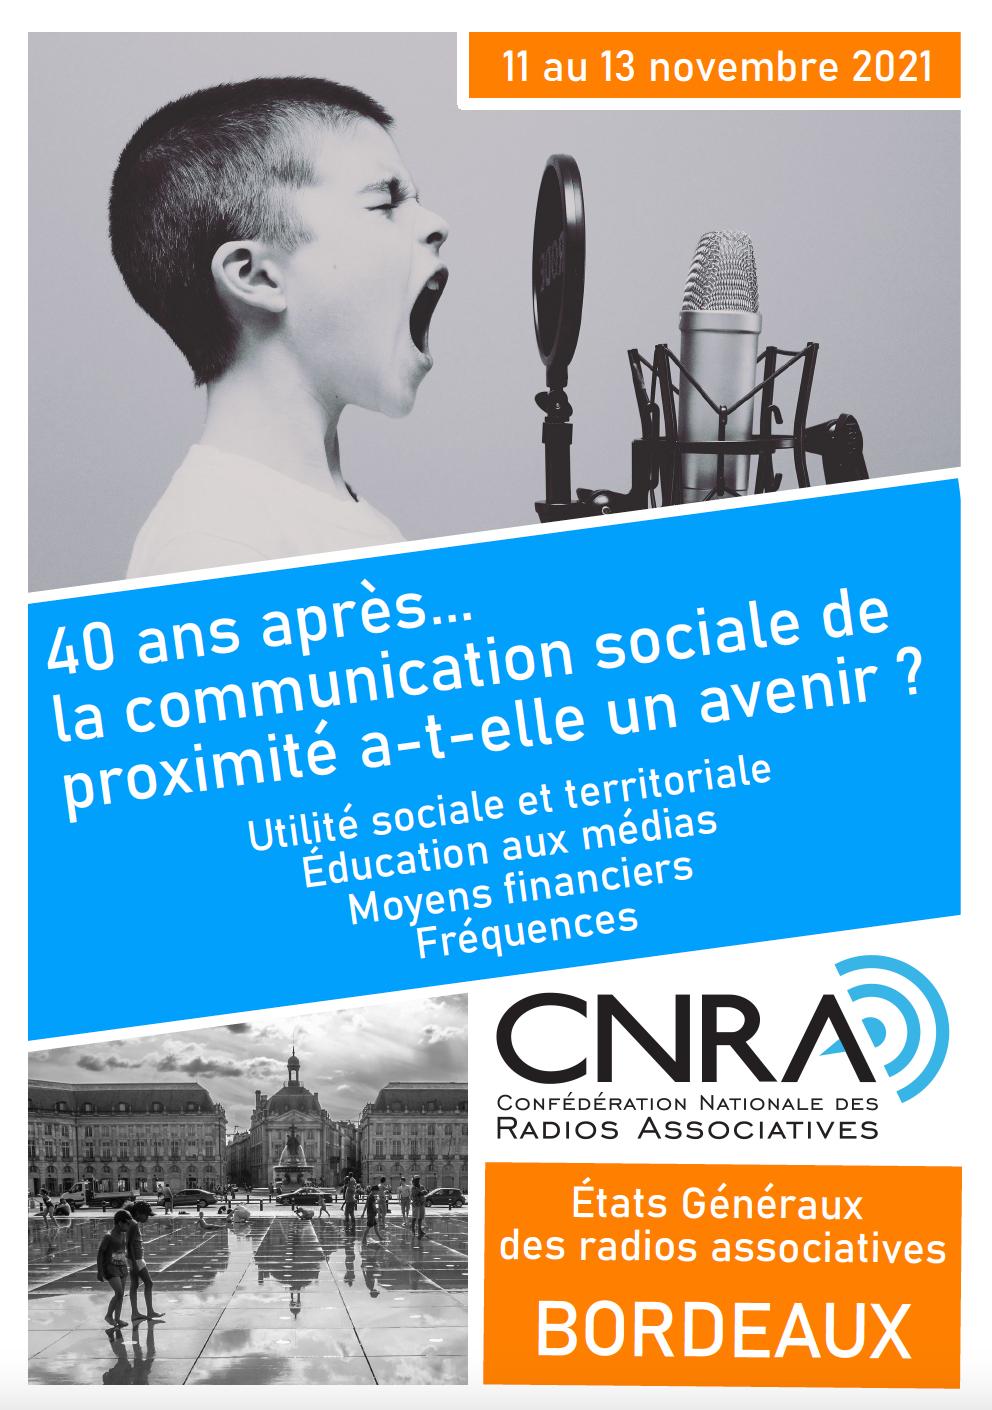 La CNRA prépare les États généraux des radios associatives